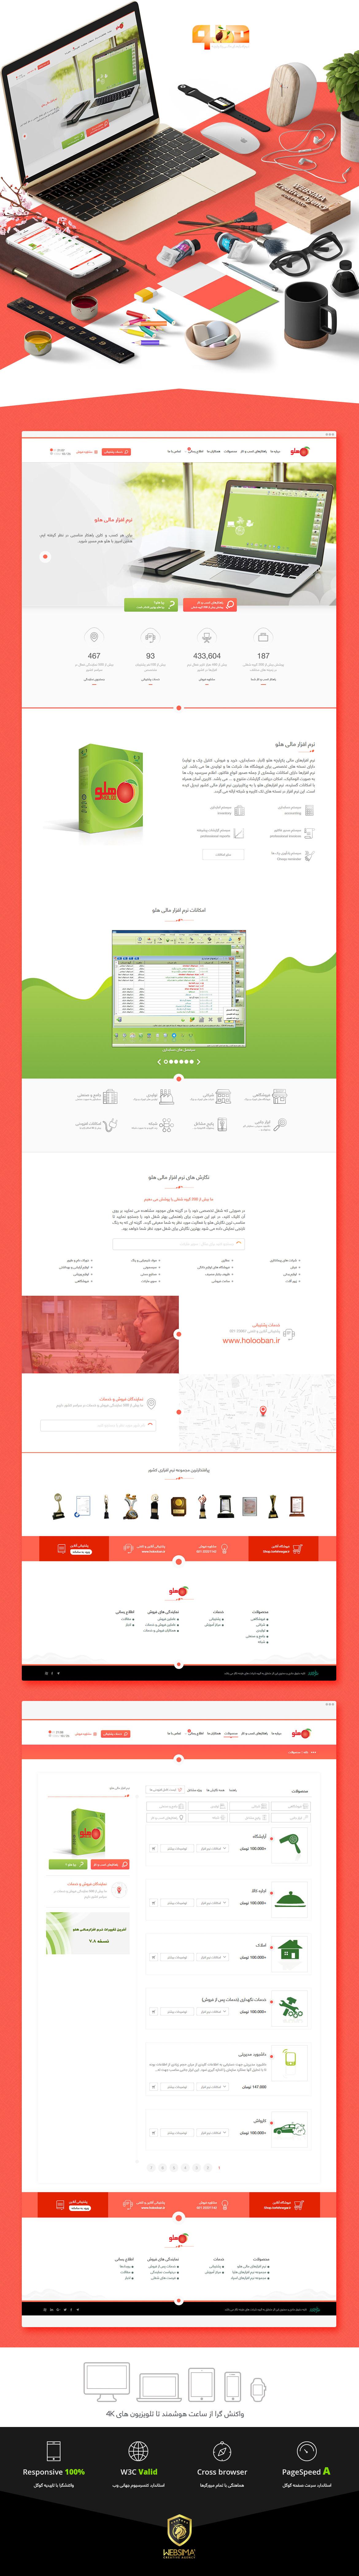 طراحی سایت نرم افزار مالی هلو